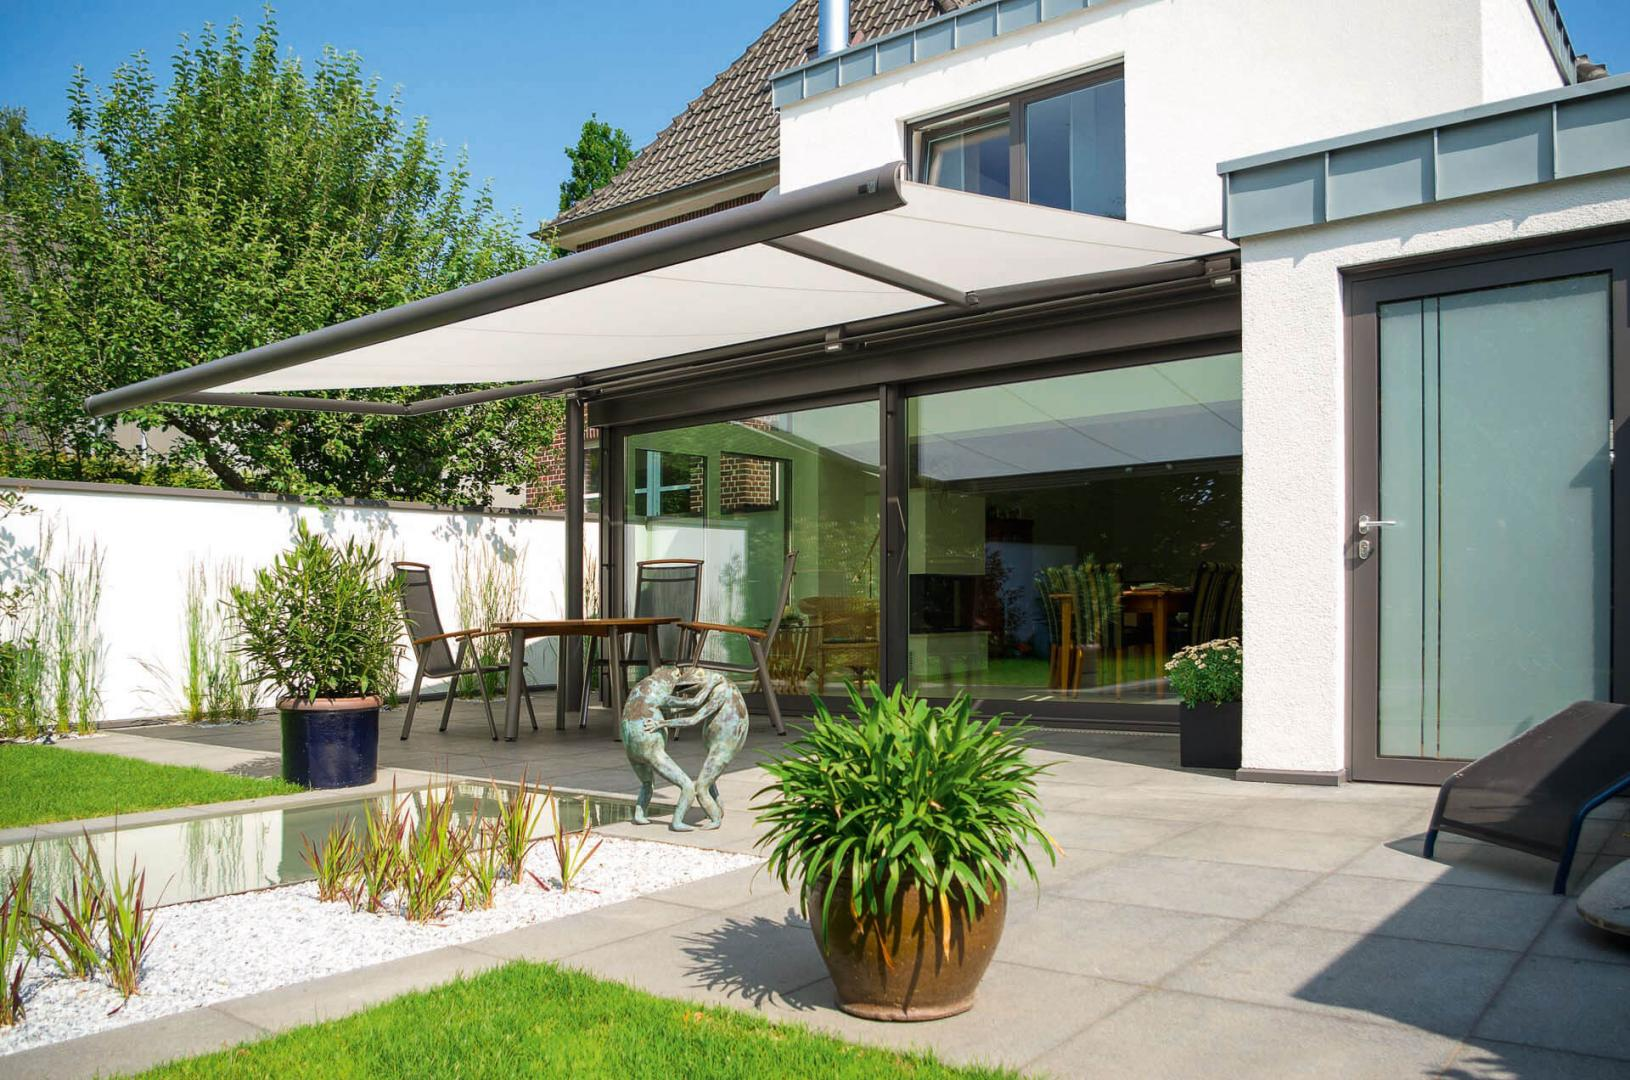 Patios terrazas y balcones - Toldos para terrazas ...